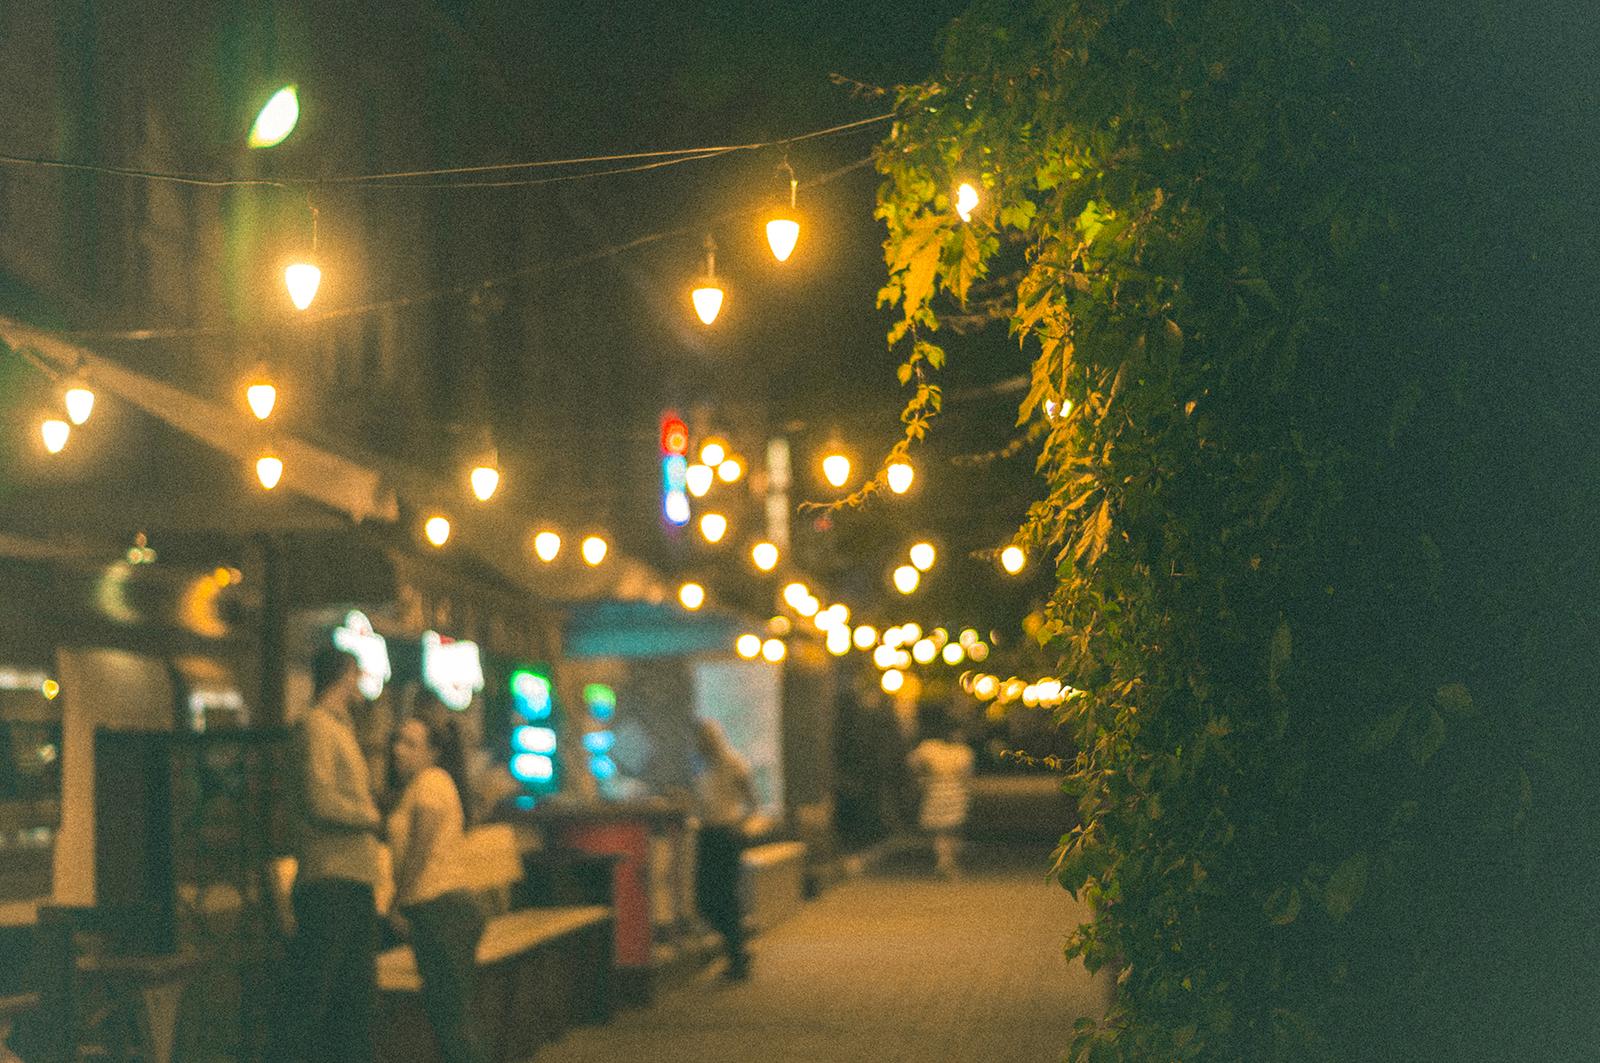 Знакомства на ночь в ростове на дону игры для знакомства в летний лагерь